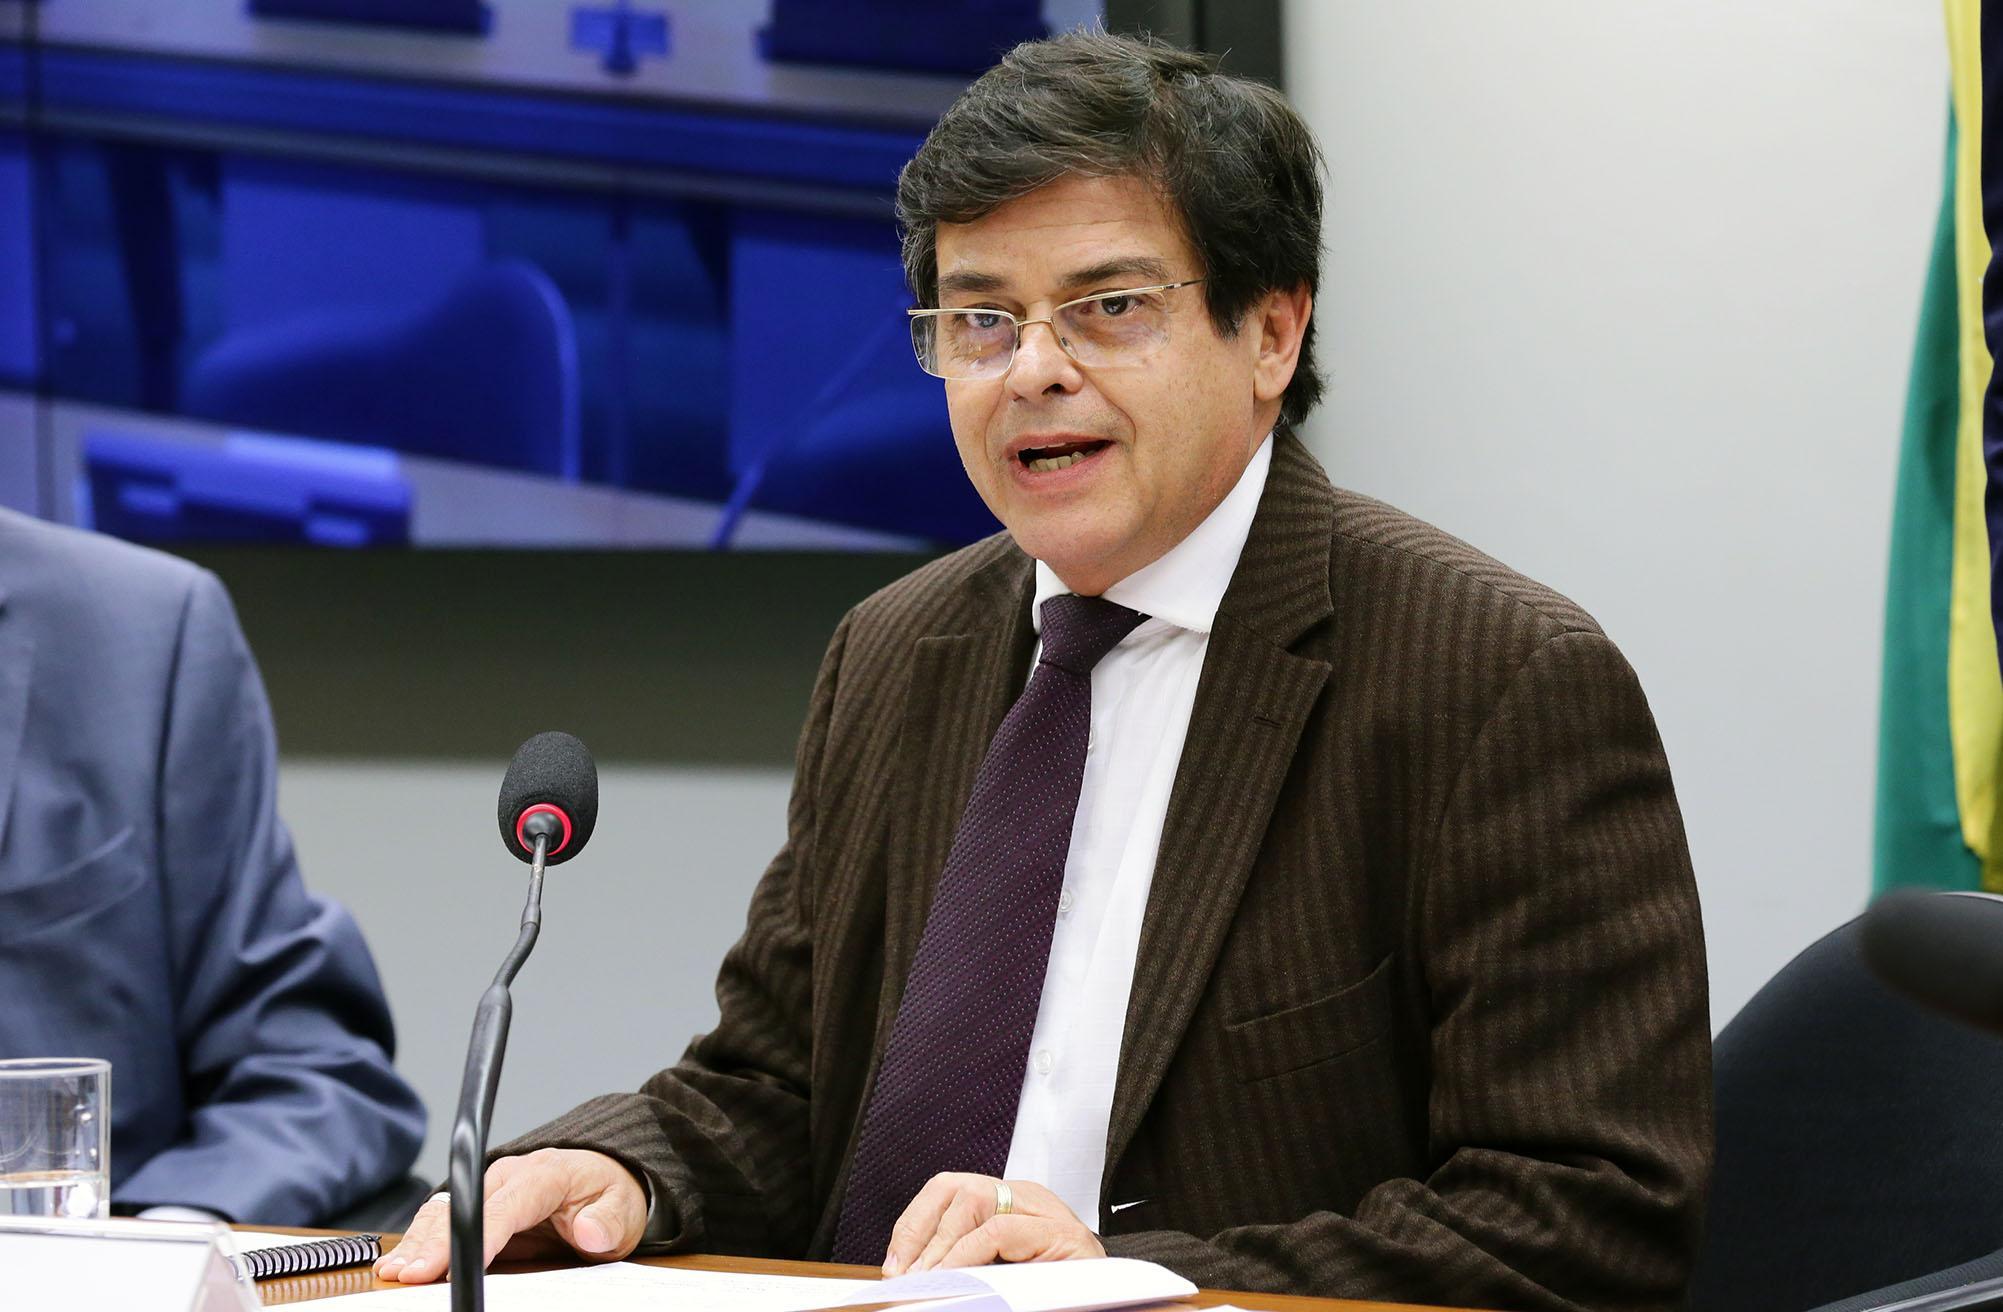 Audiência pública sobre a apresentação das prioridades da política externa brasileira para o ano em curso, e as perspectivas de atuação do ministério para os anos seguintes. Dep. Eduardo Barbosa (PSDB - MG)